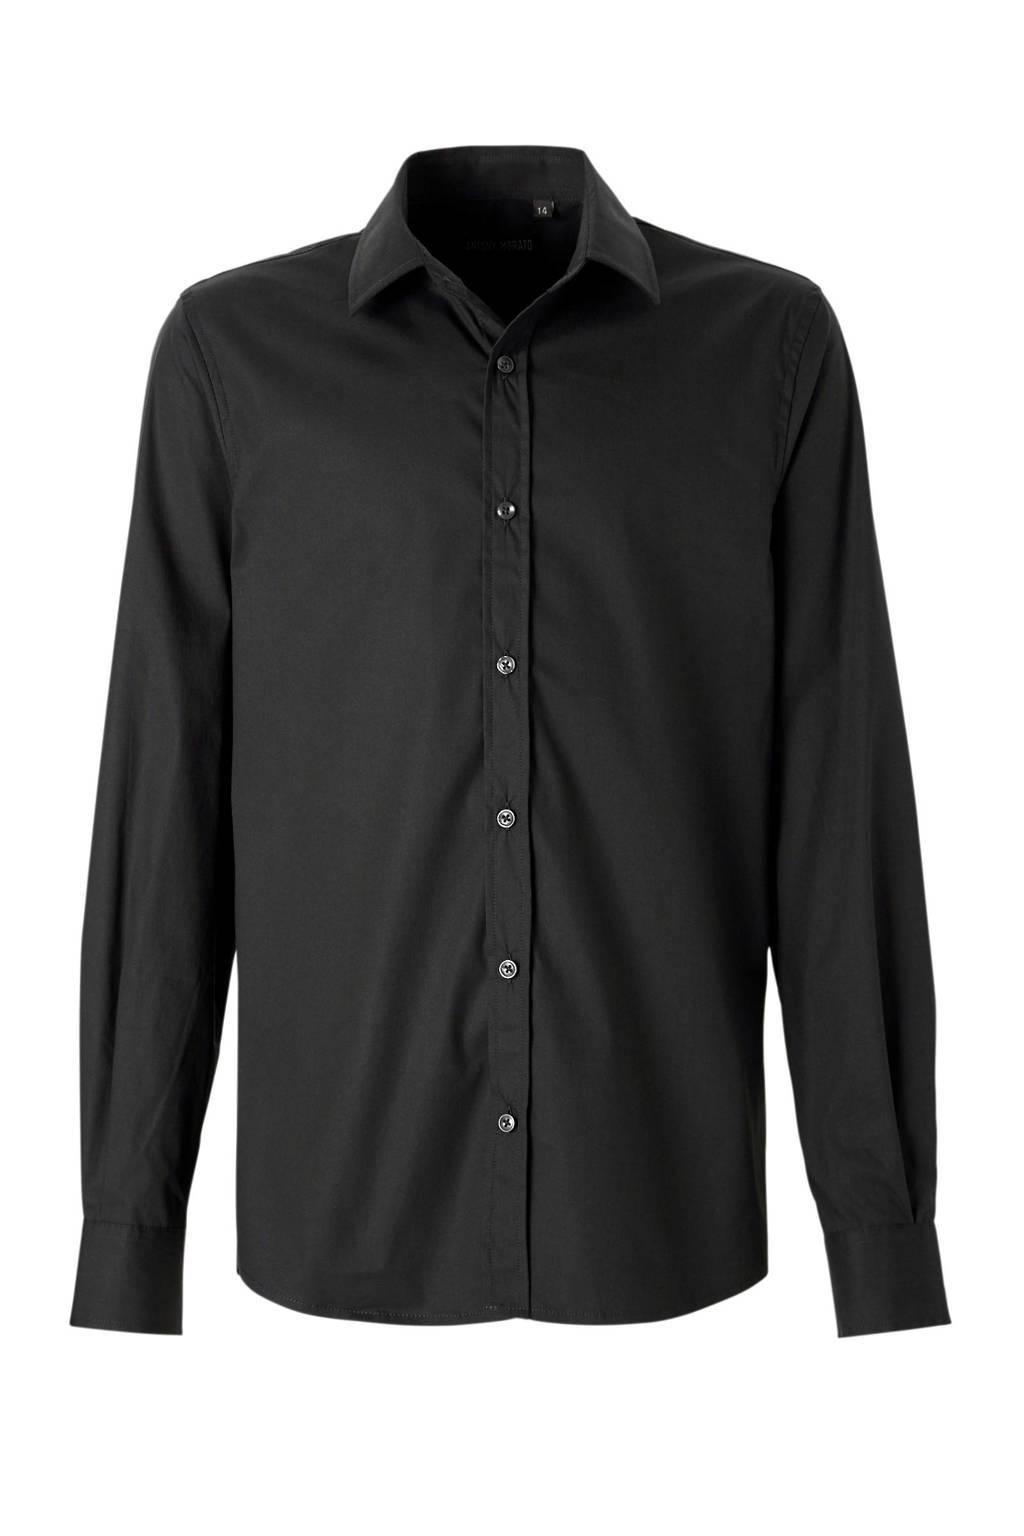 Antony Morato overhemd zwart, Zwart